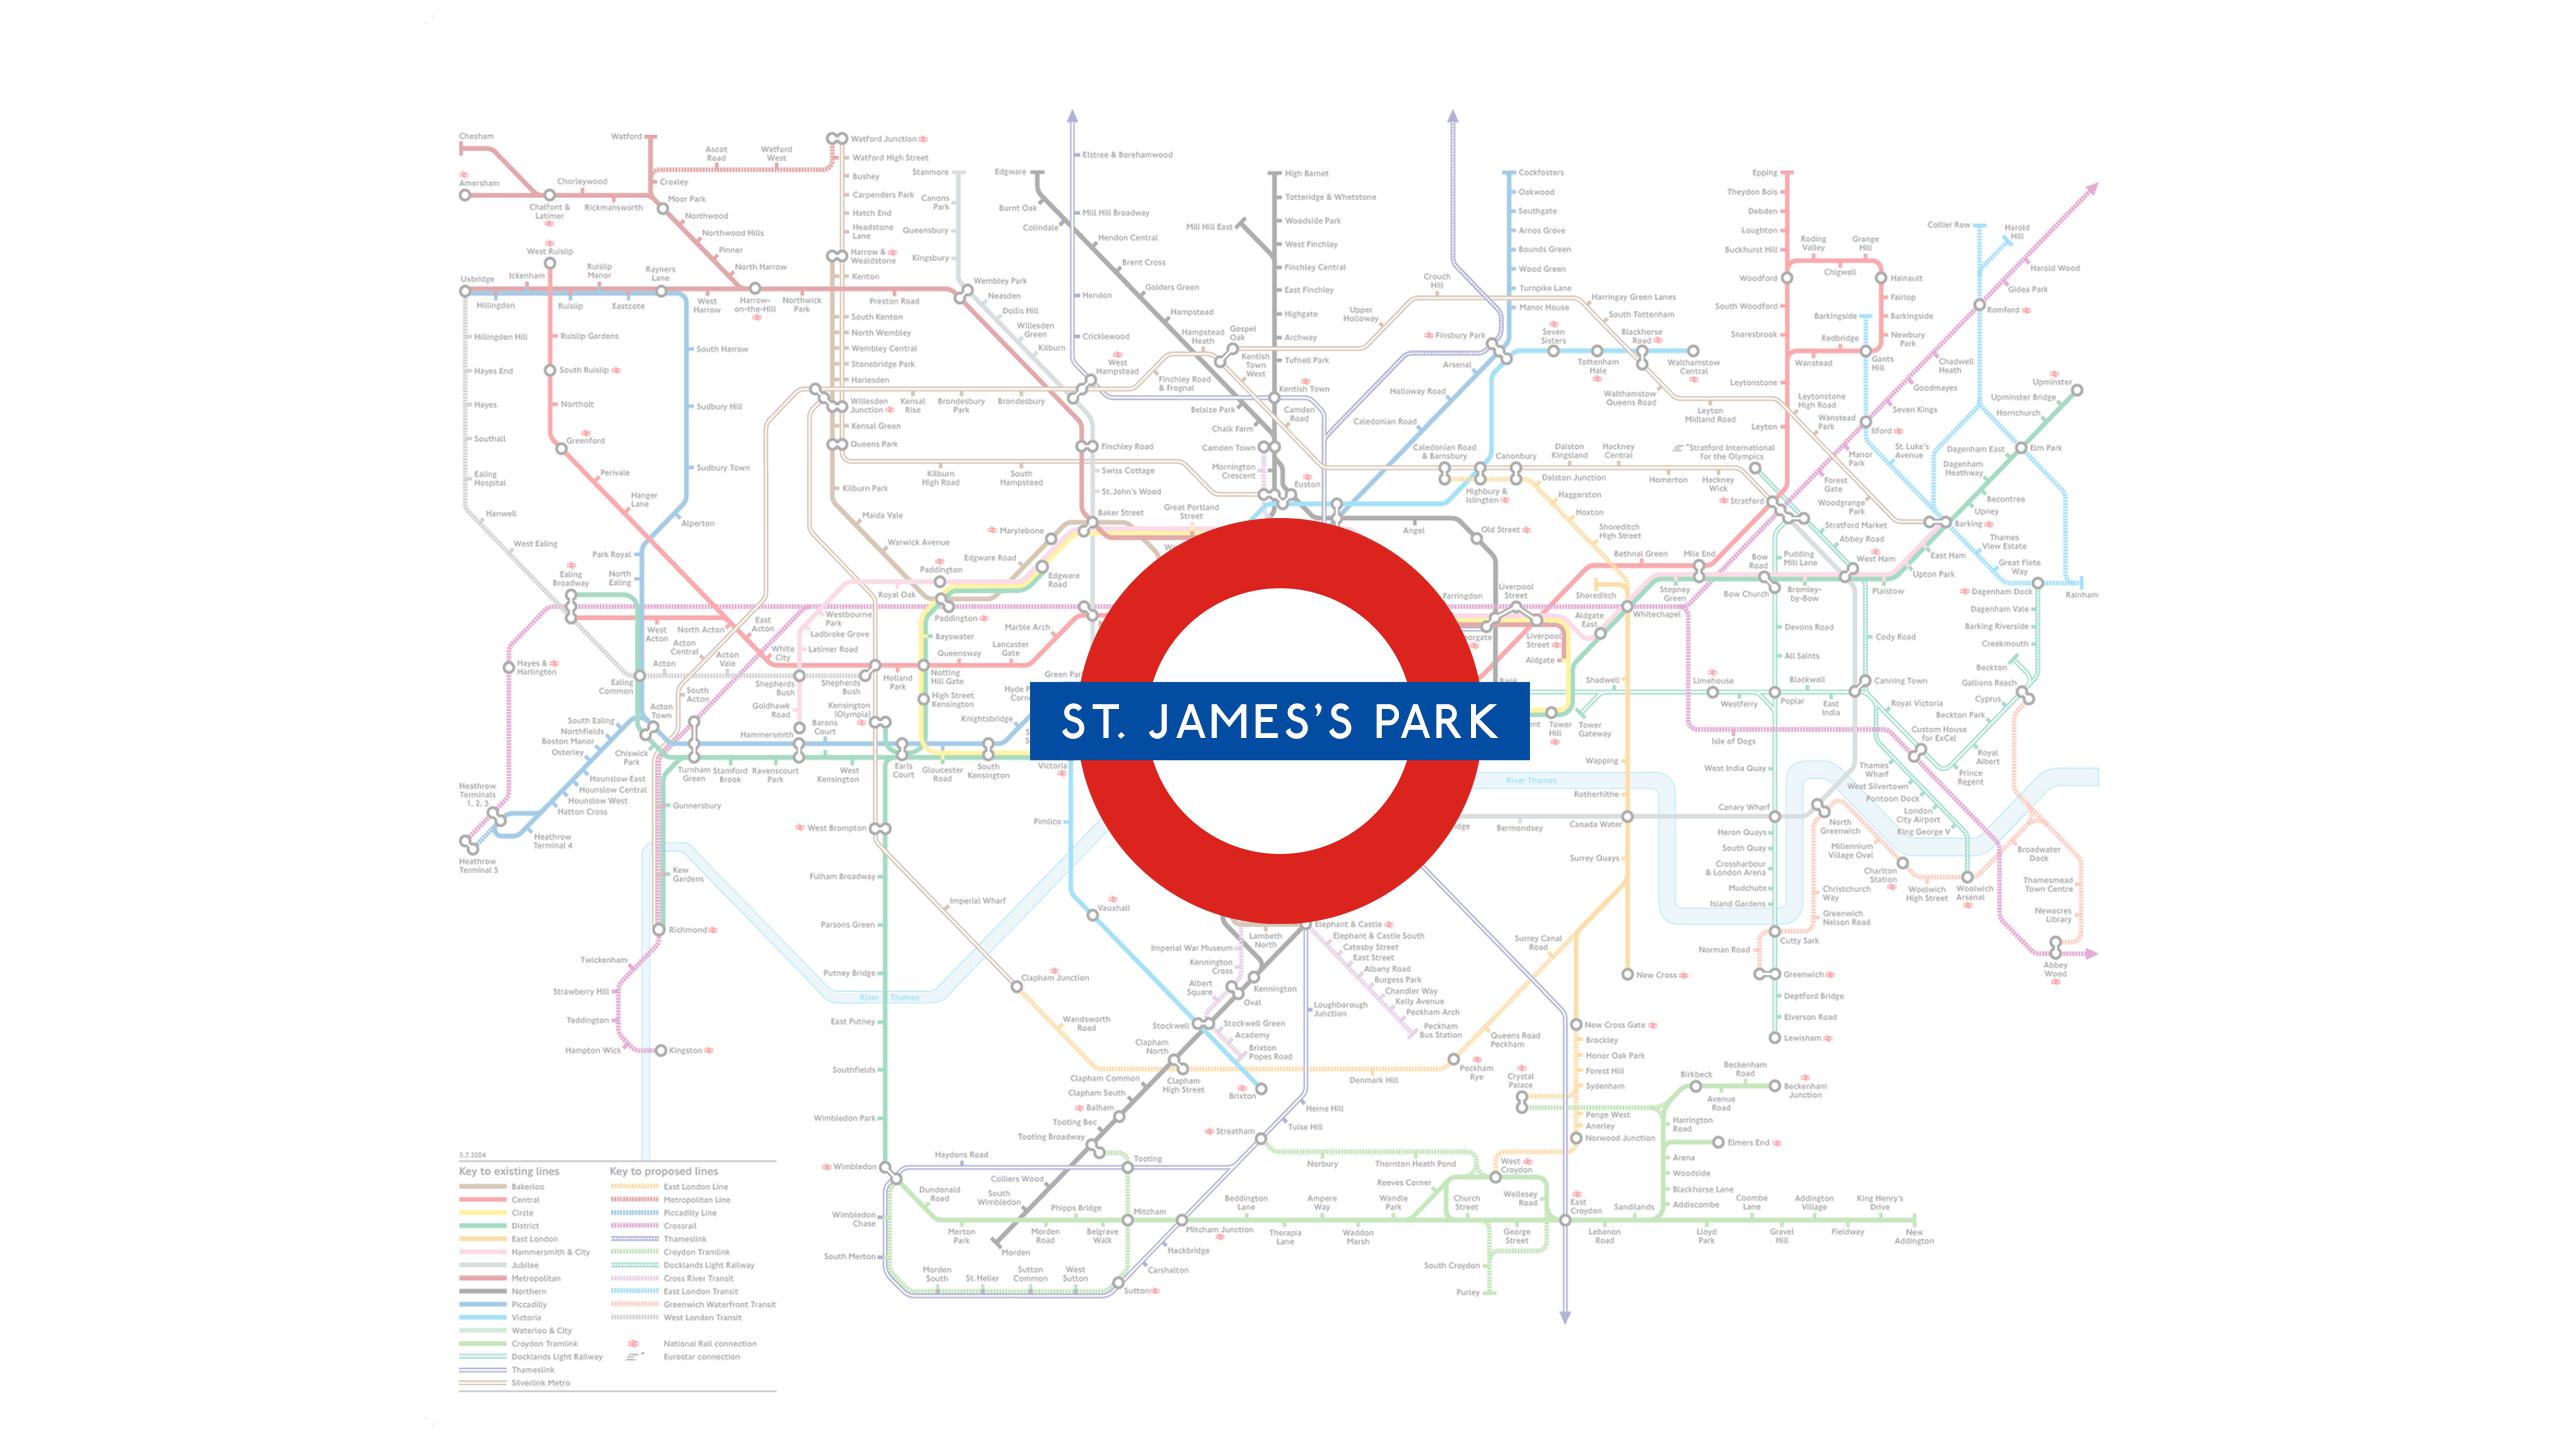 St. James's Park (Map)